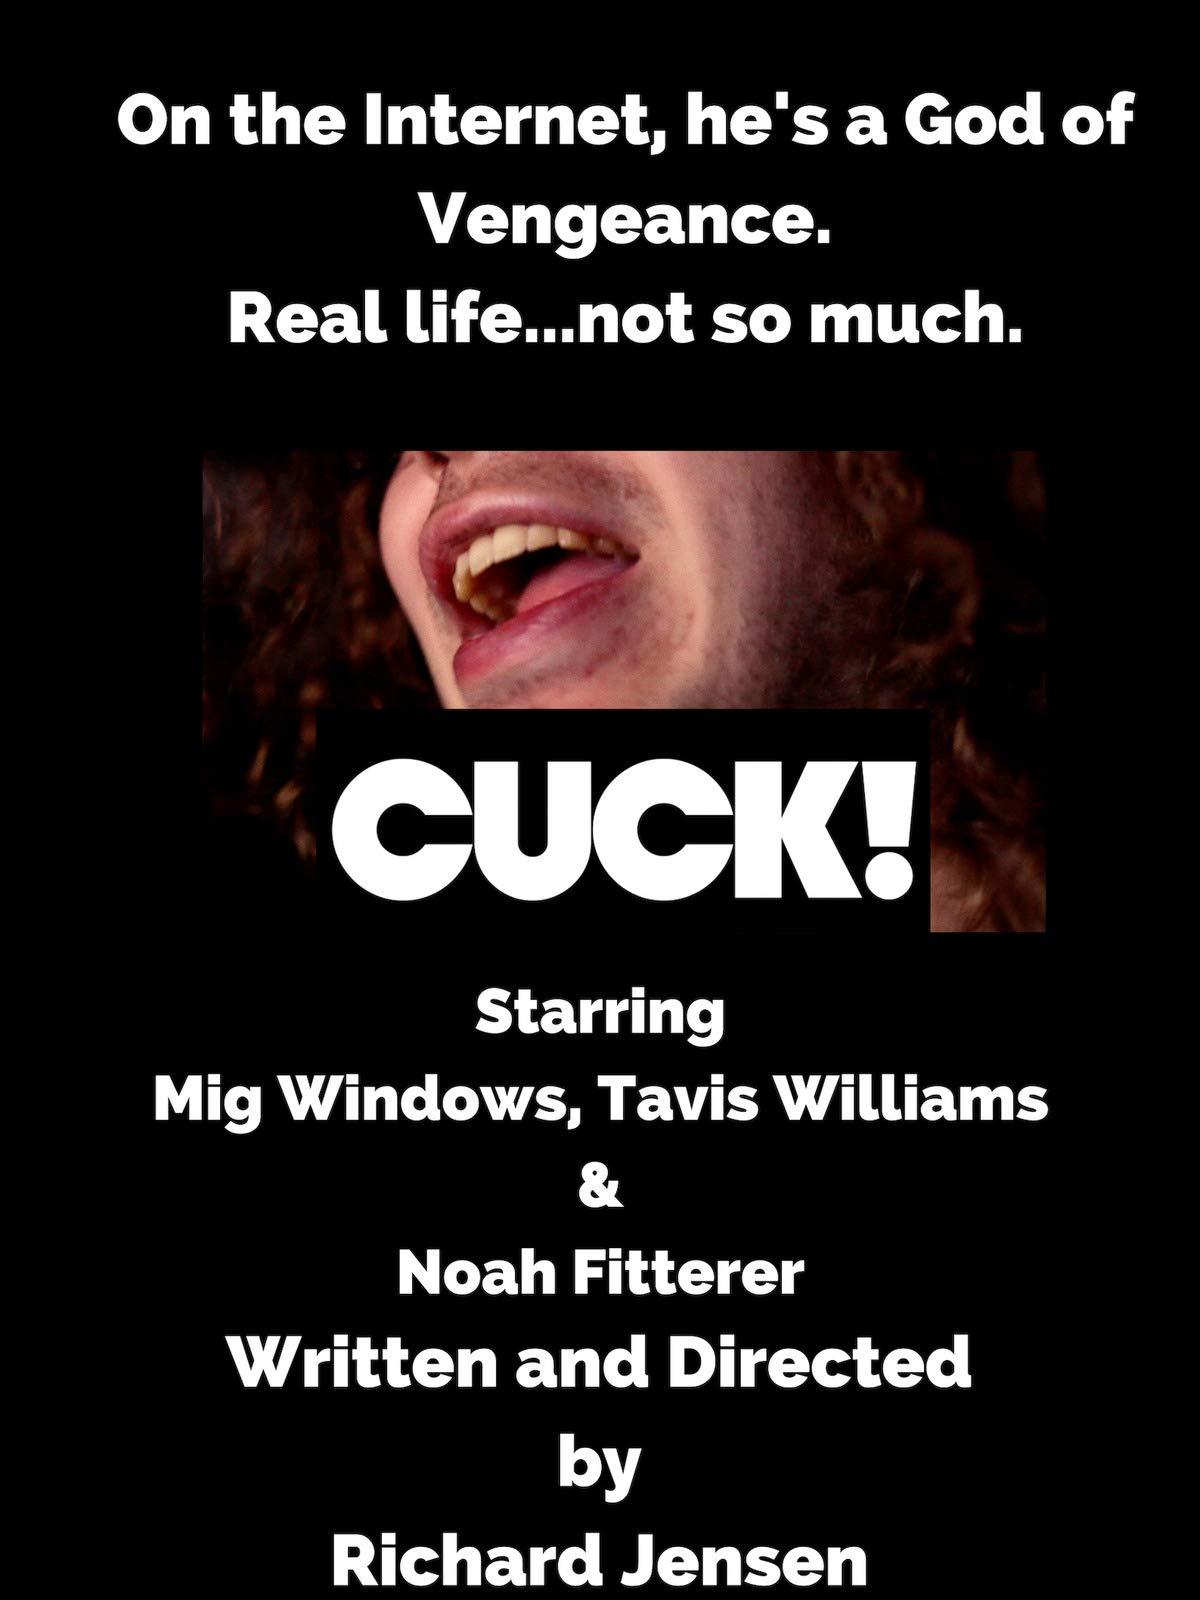 CUCK!